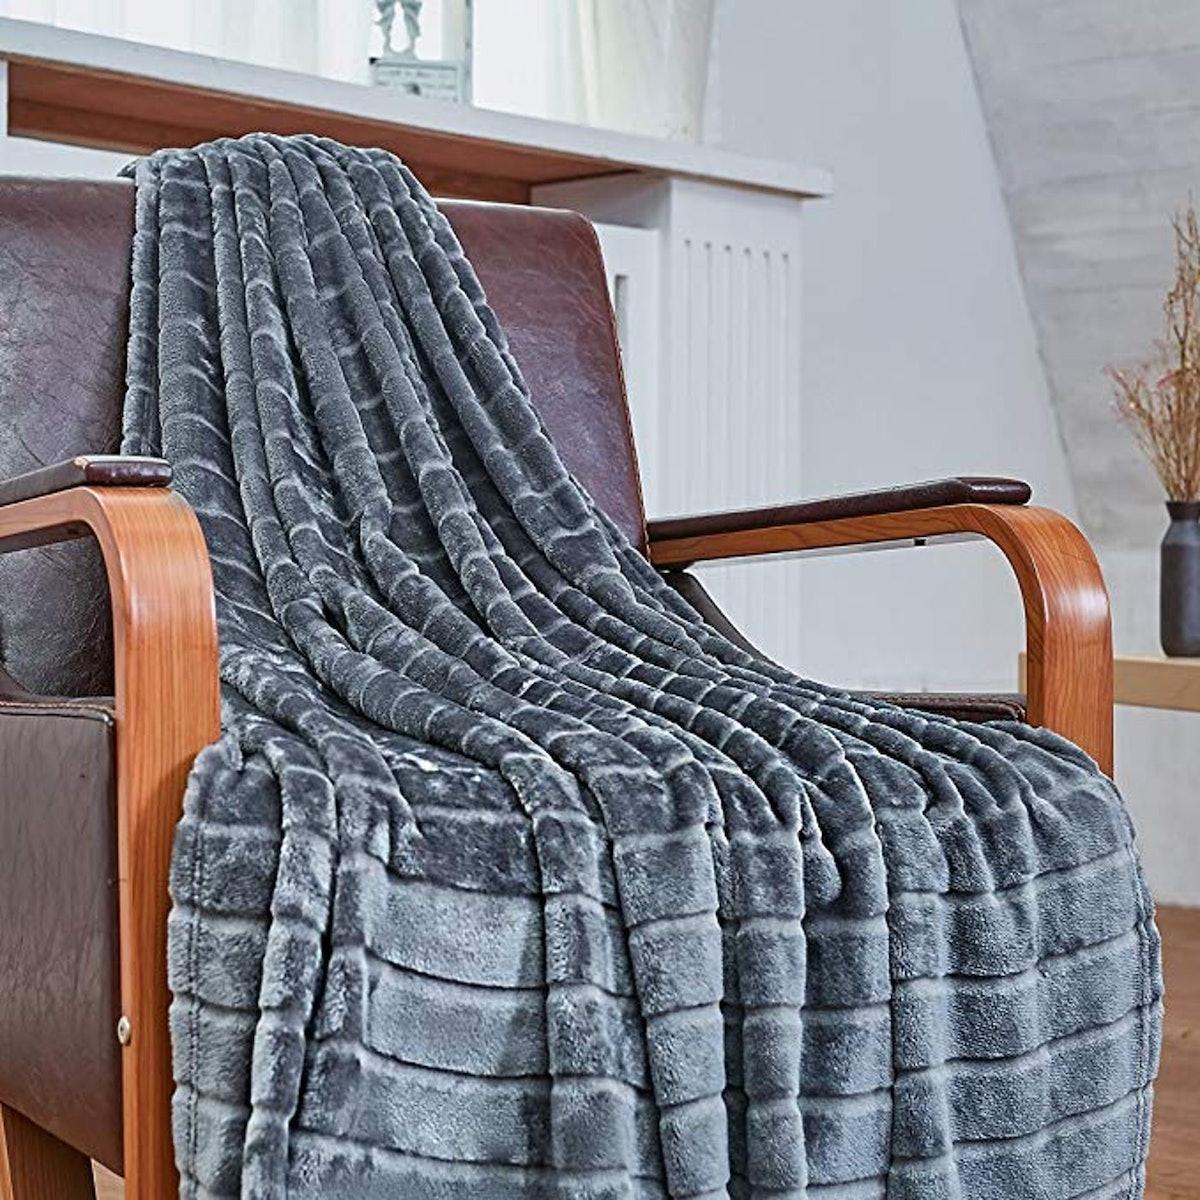 Bertte Ultra Velvet Plush Super Soft Decorative Stripe Throw Blanket